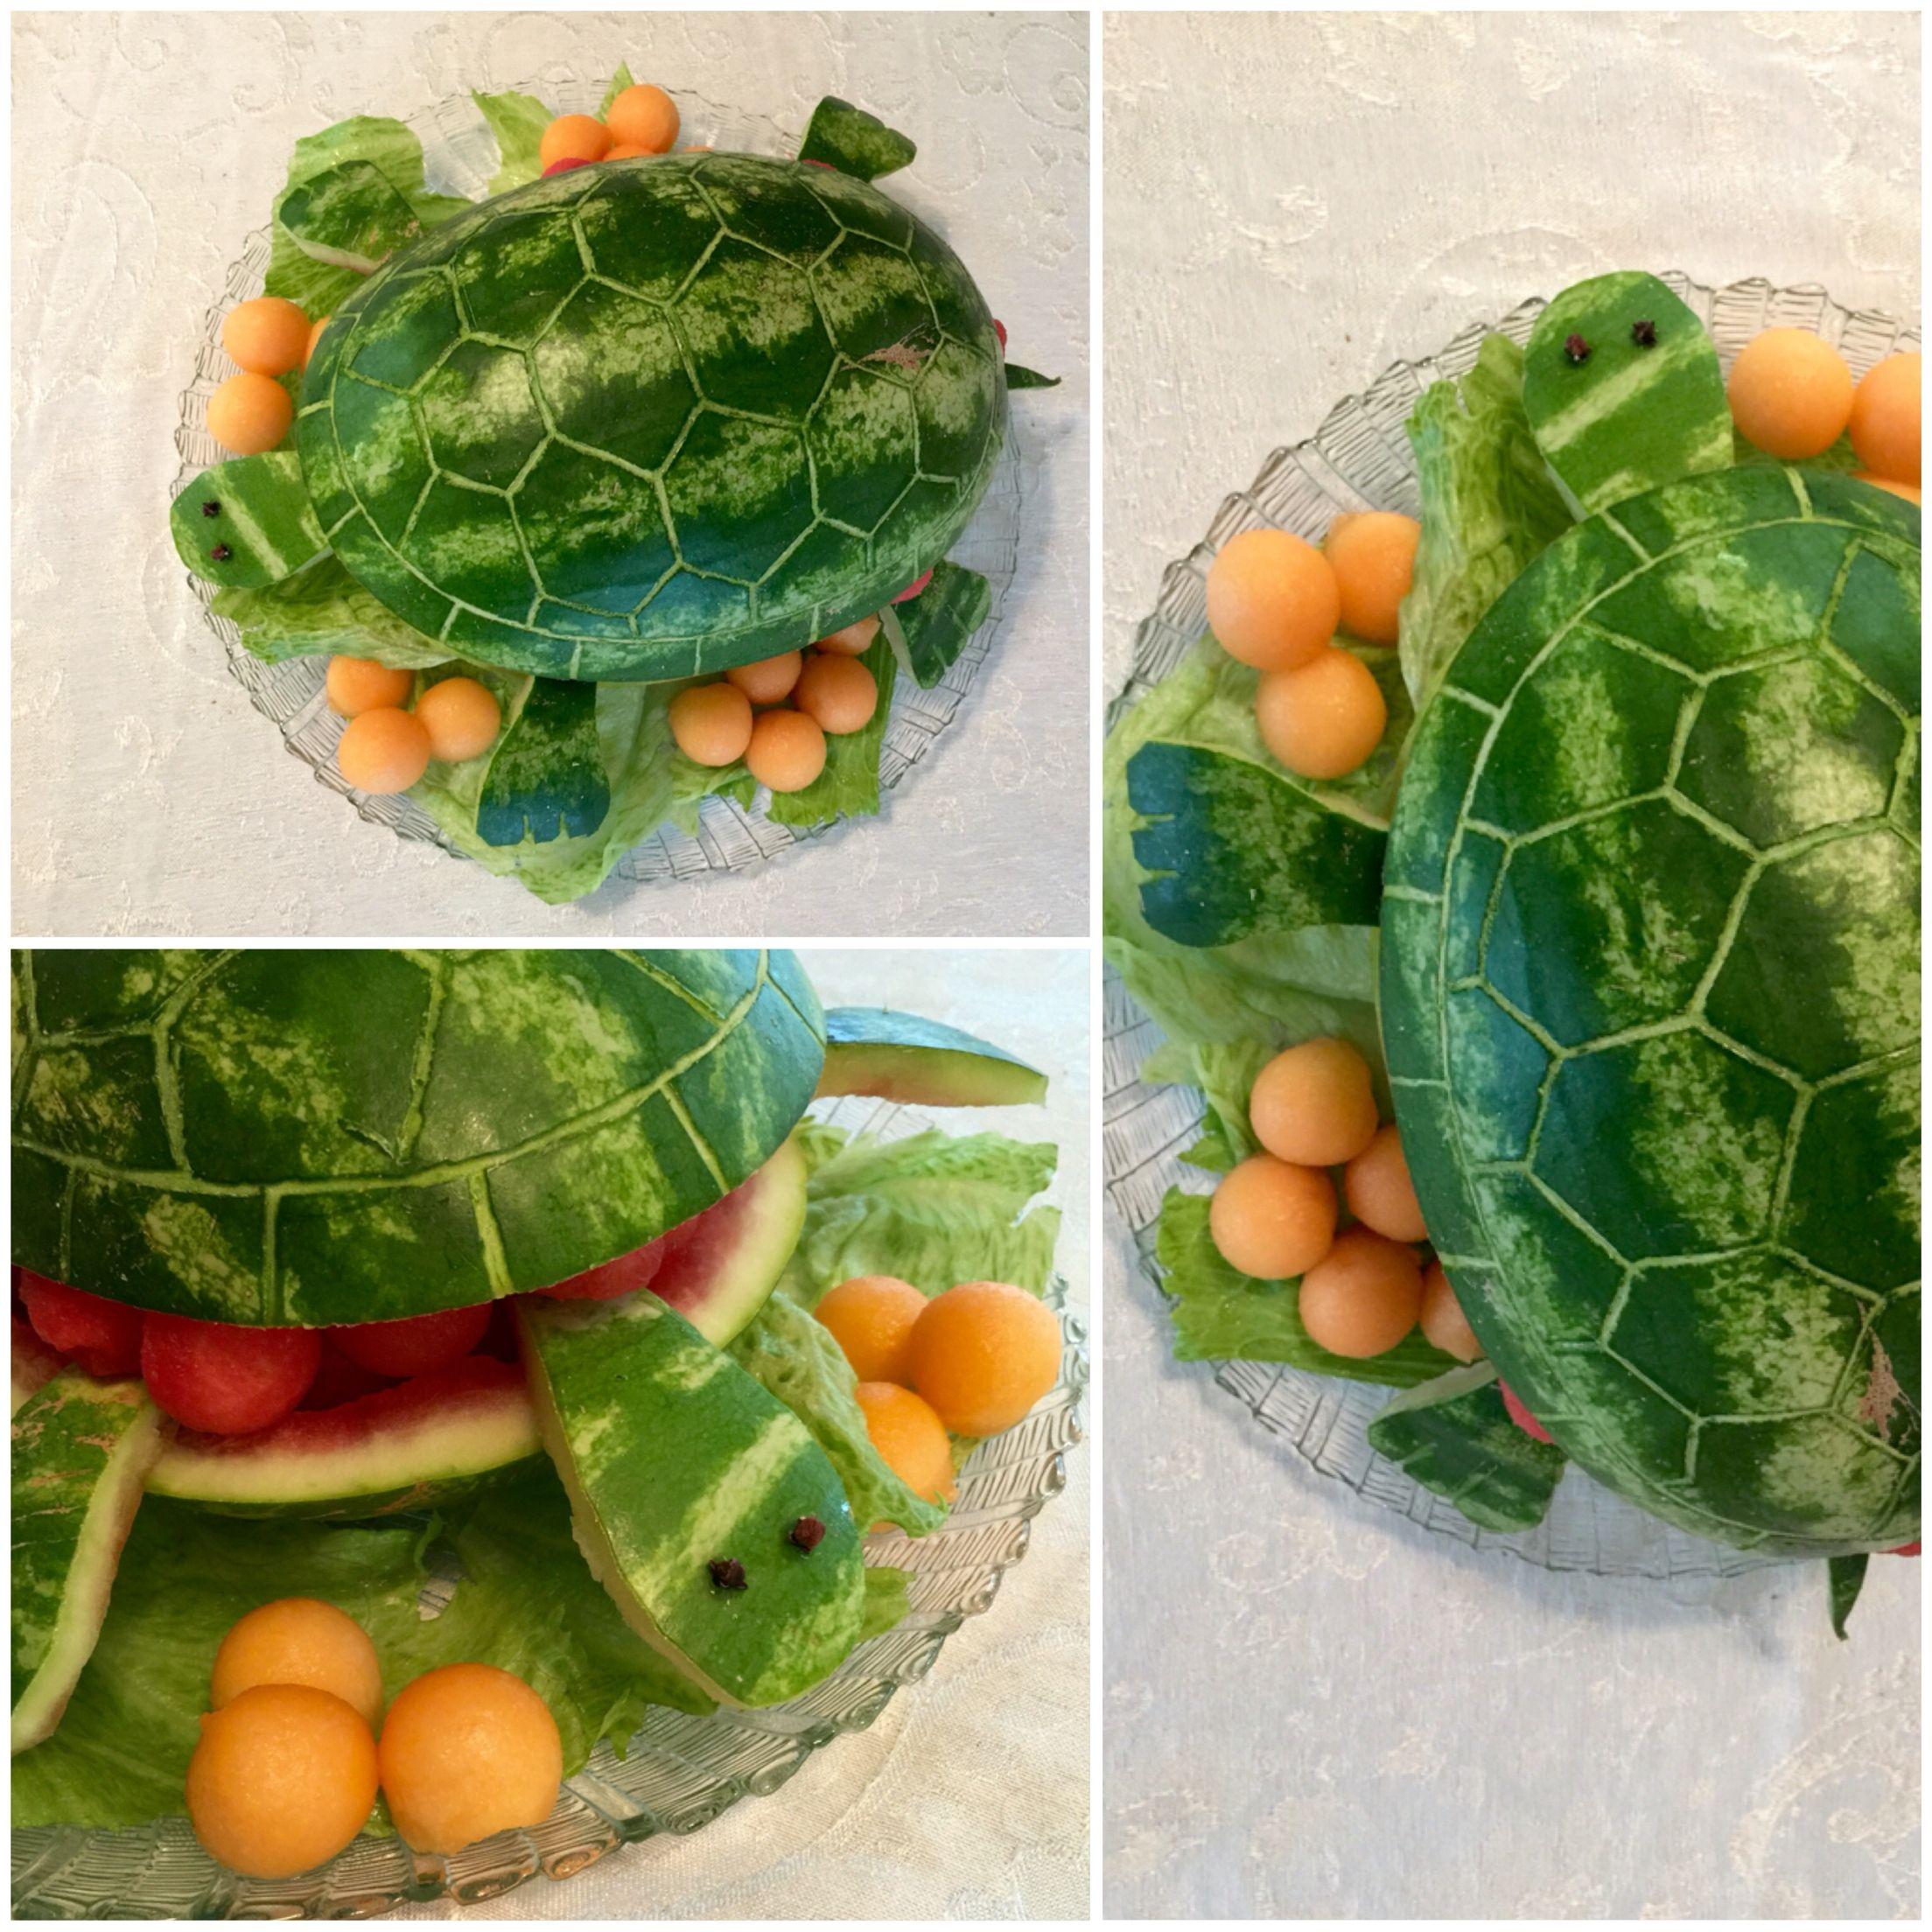 Watermelon Turtle Dessert Fruit Tortuga Hecha Con Sandia Fruta